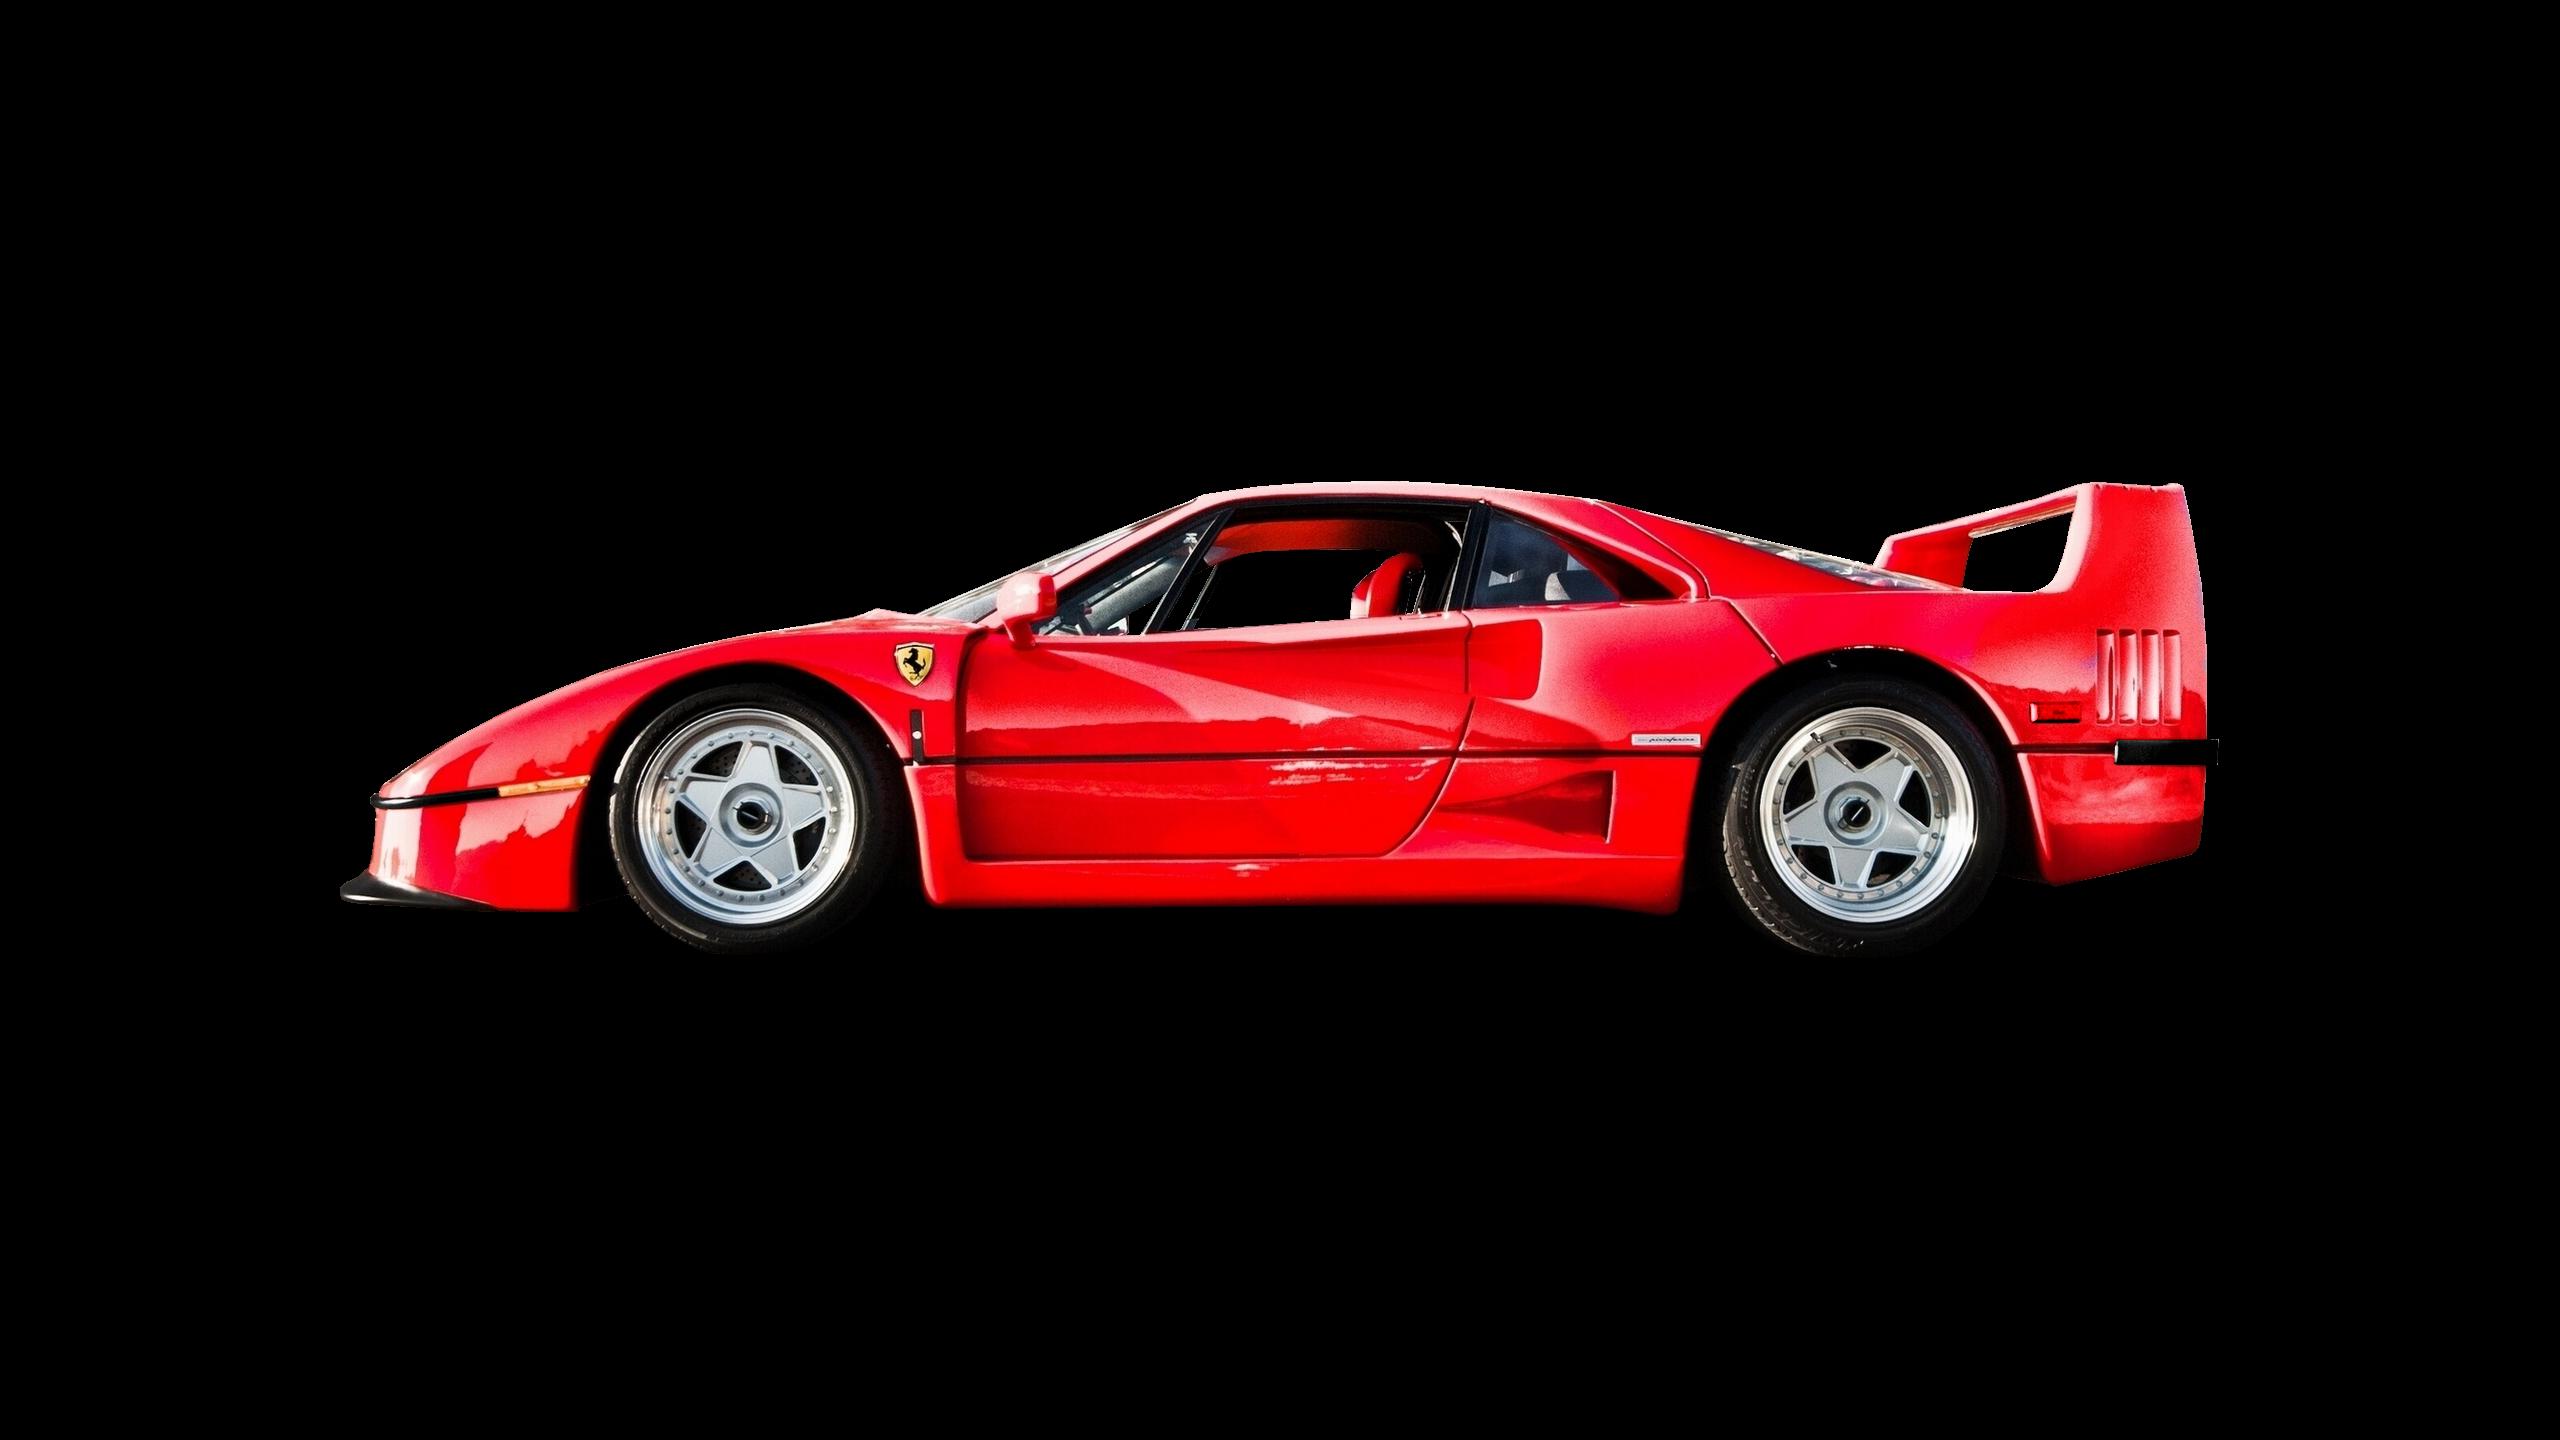 Ferrari png image purepng. Clipart car sport